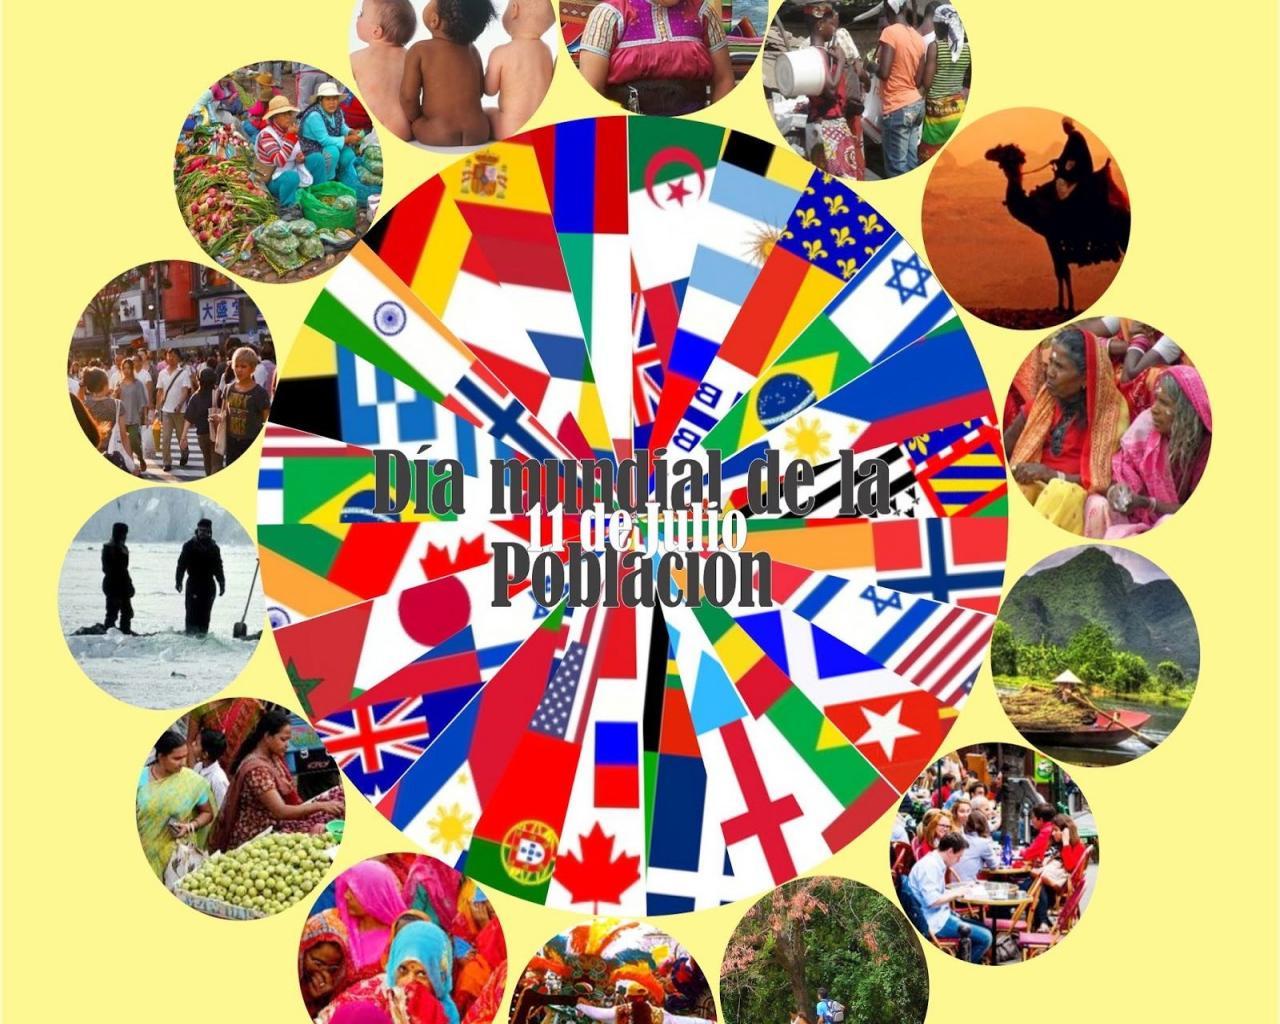 ab614f_dia_mundial_de_la_poblacion-3